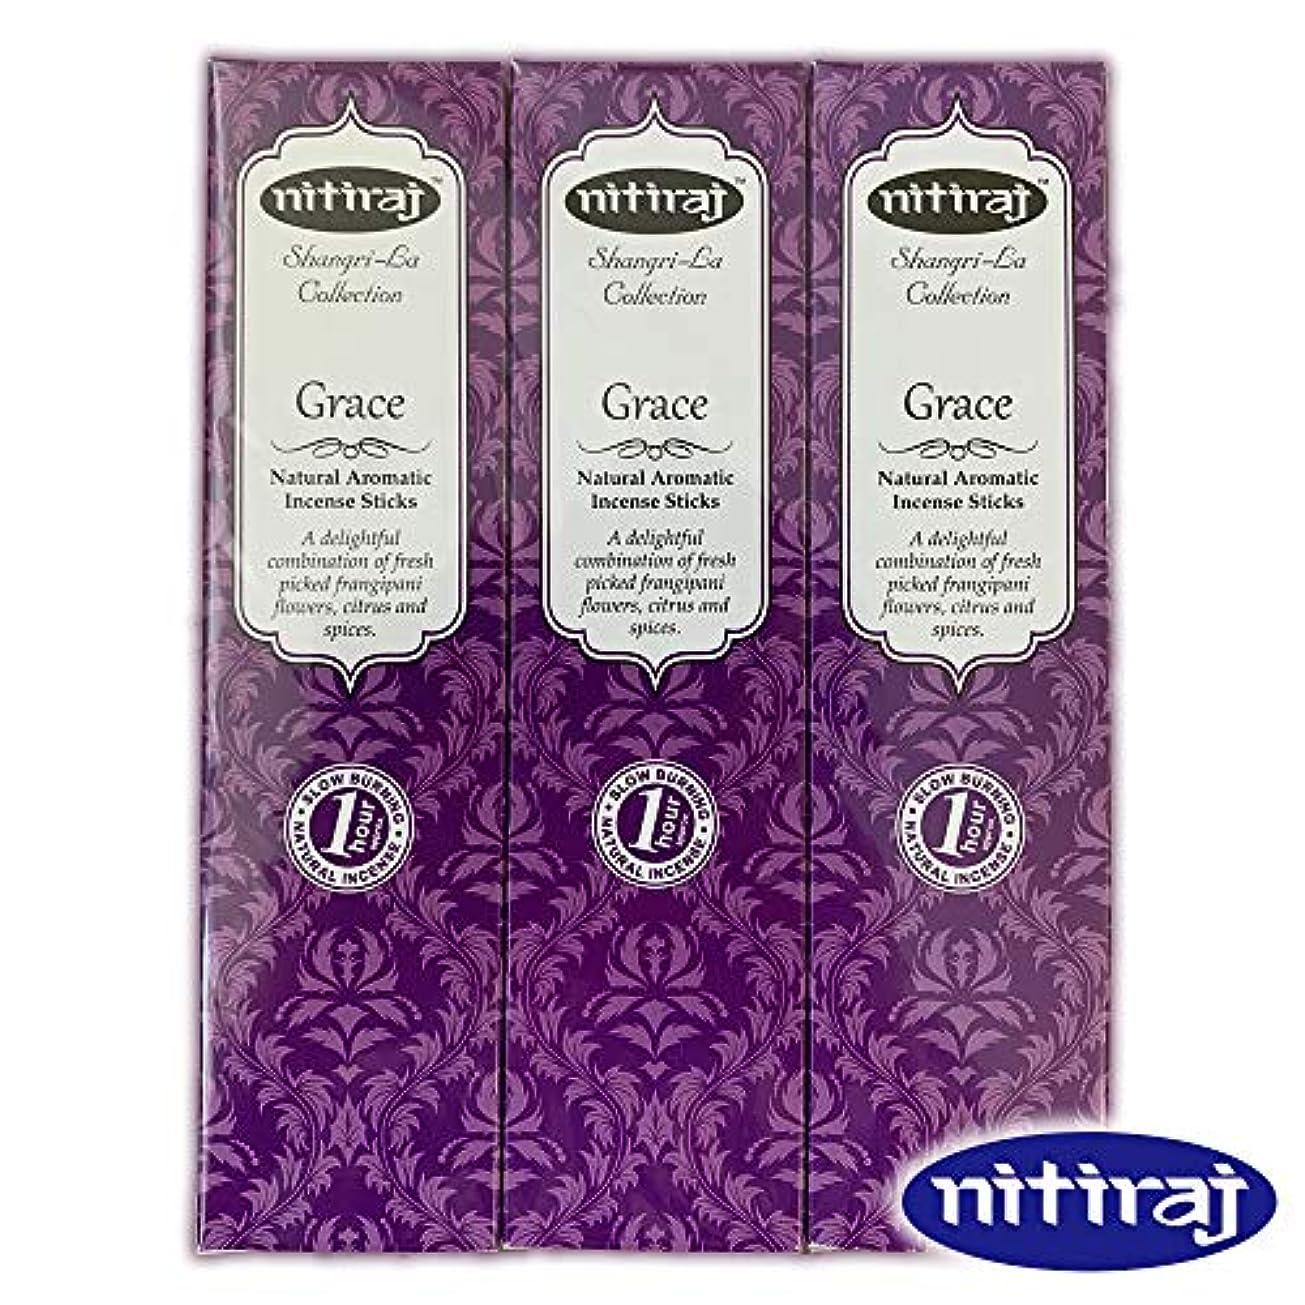 お香 アロマインセンス Nitiraj(ニティラジ)Grace(気品) 3箱セット(30本/1箱10本入り)100%天然素材